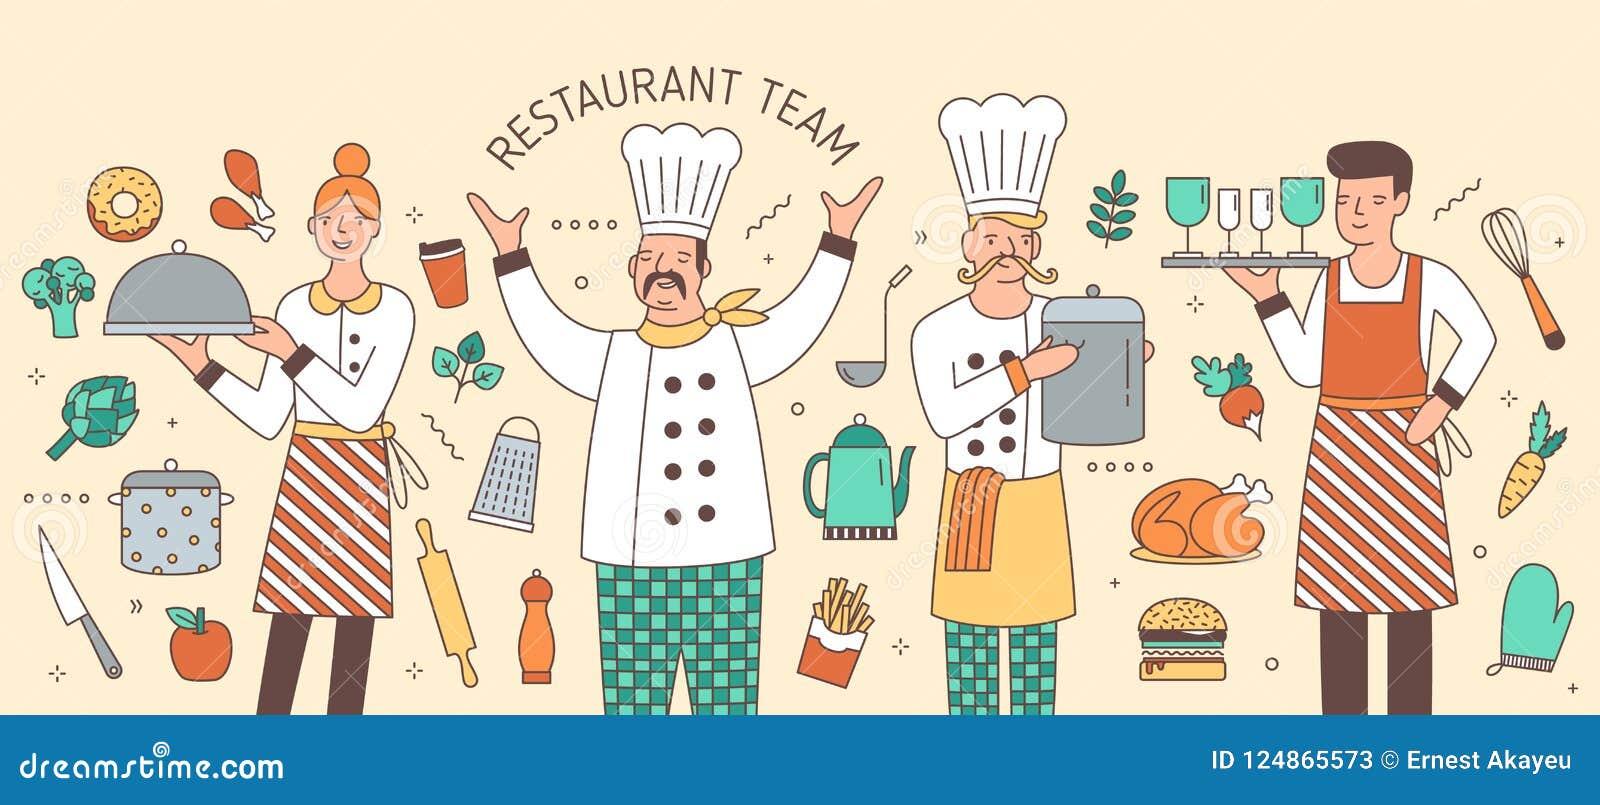 Kolorowy horyzontalny sztandar z szefem, kucharzem, kelnerem i kelnerką otaczającymi, artykułami żywnościowy i kuchni naczyniami